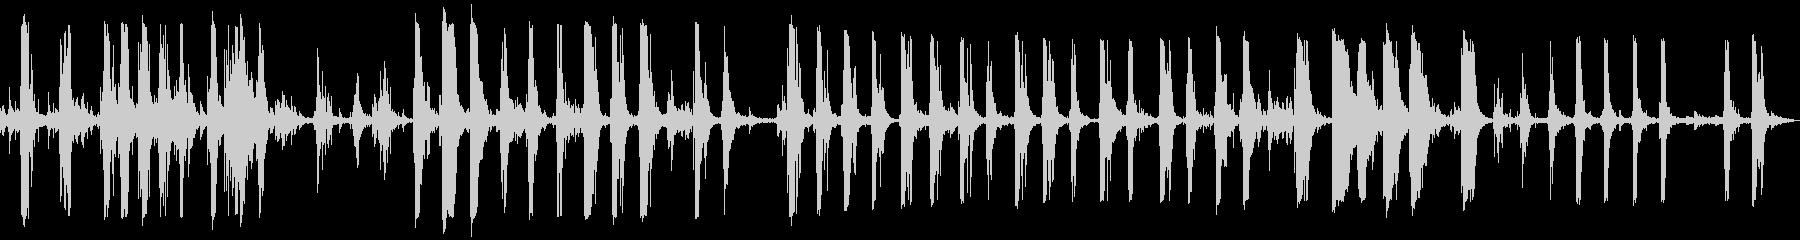 スラムダウン金属トラックリグの未再生の波形